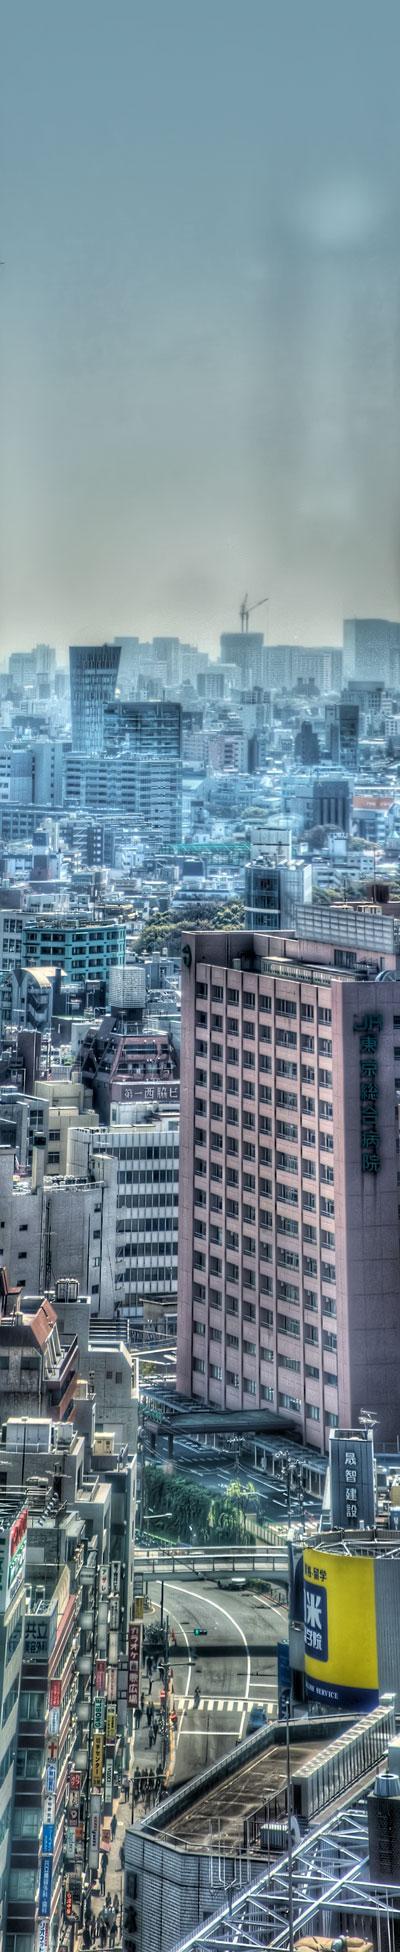 ニコンプラザ新宿よりの眺め